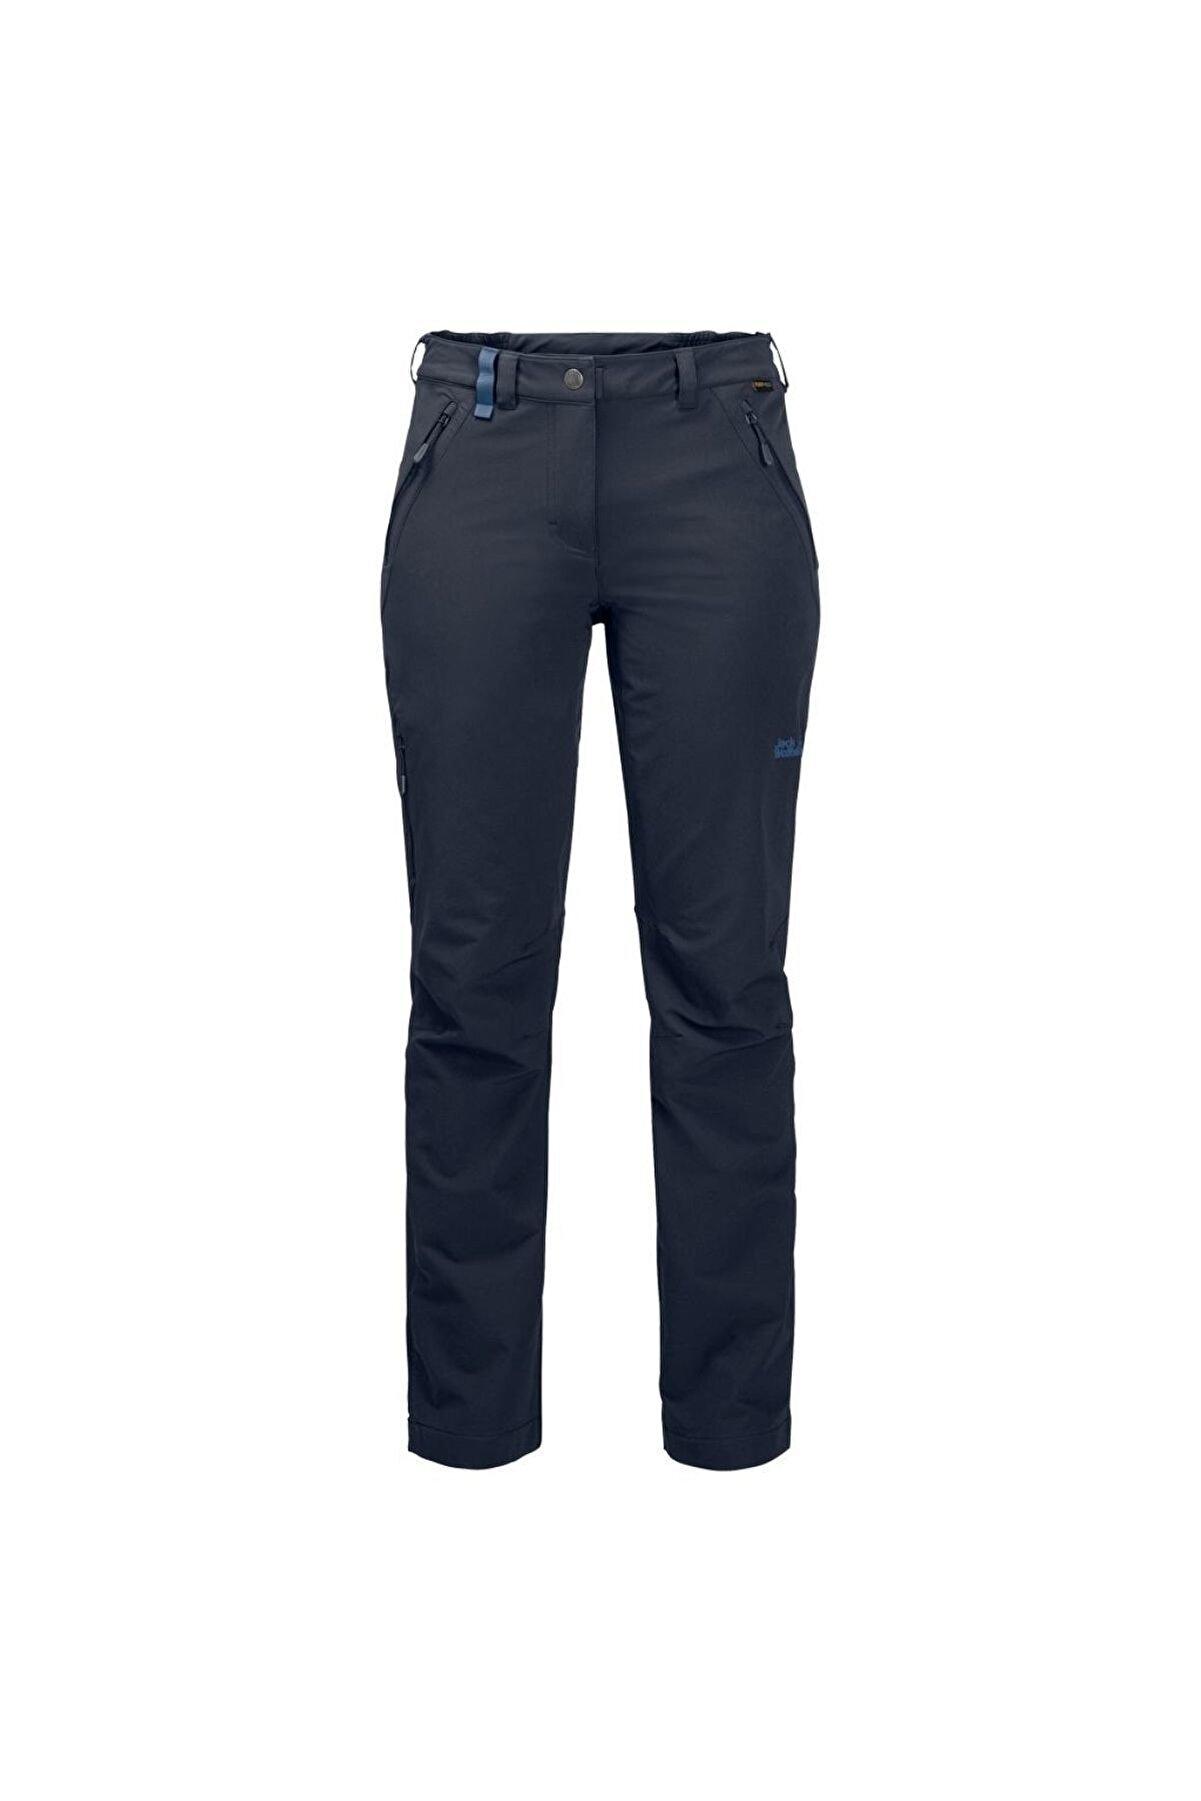 Jack Wolfskin Activate XT Kadın Softshell Pantolon 1503632